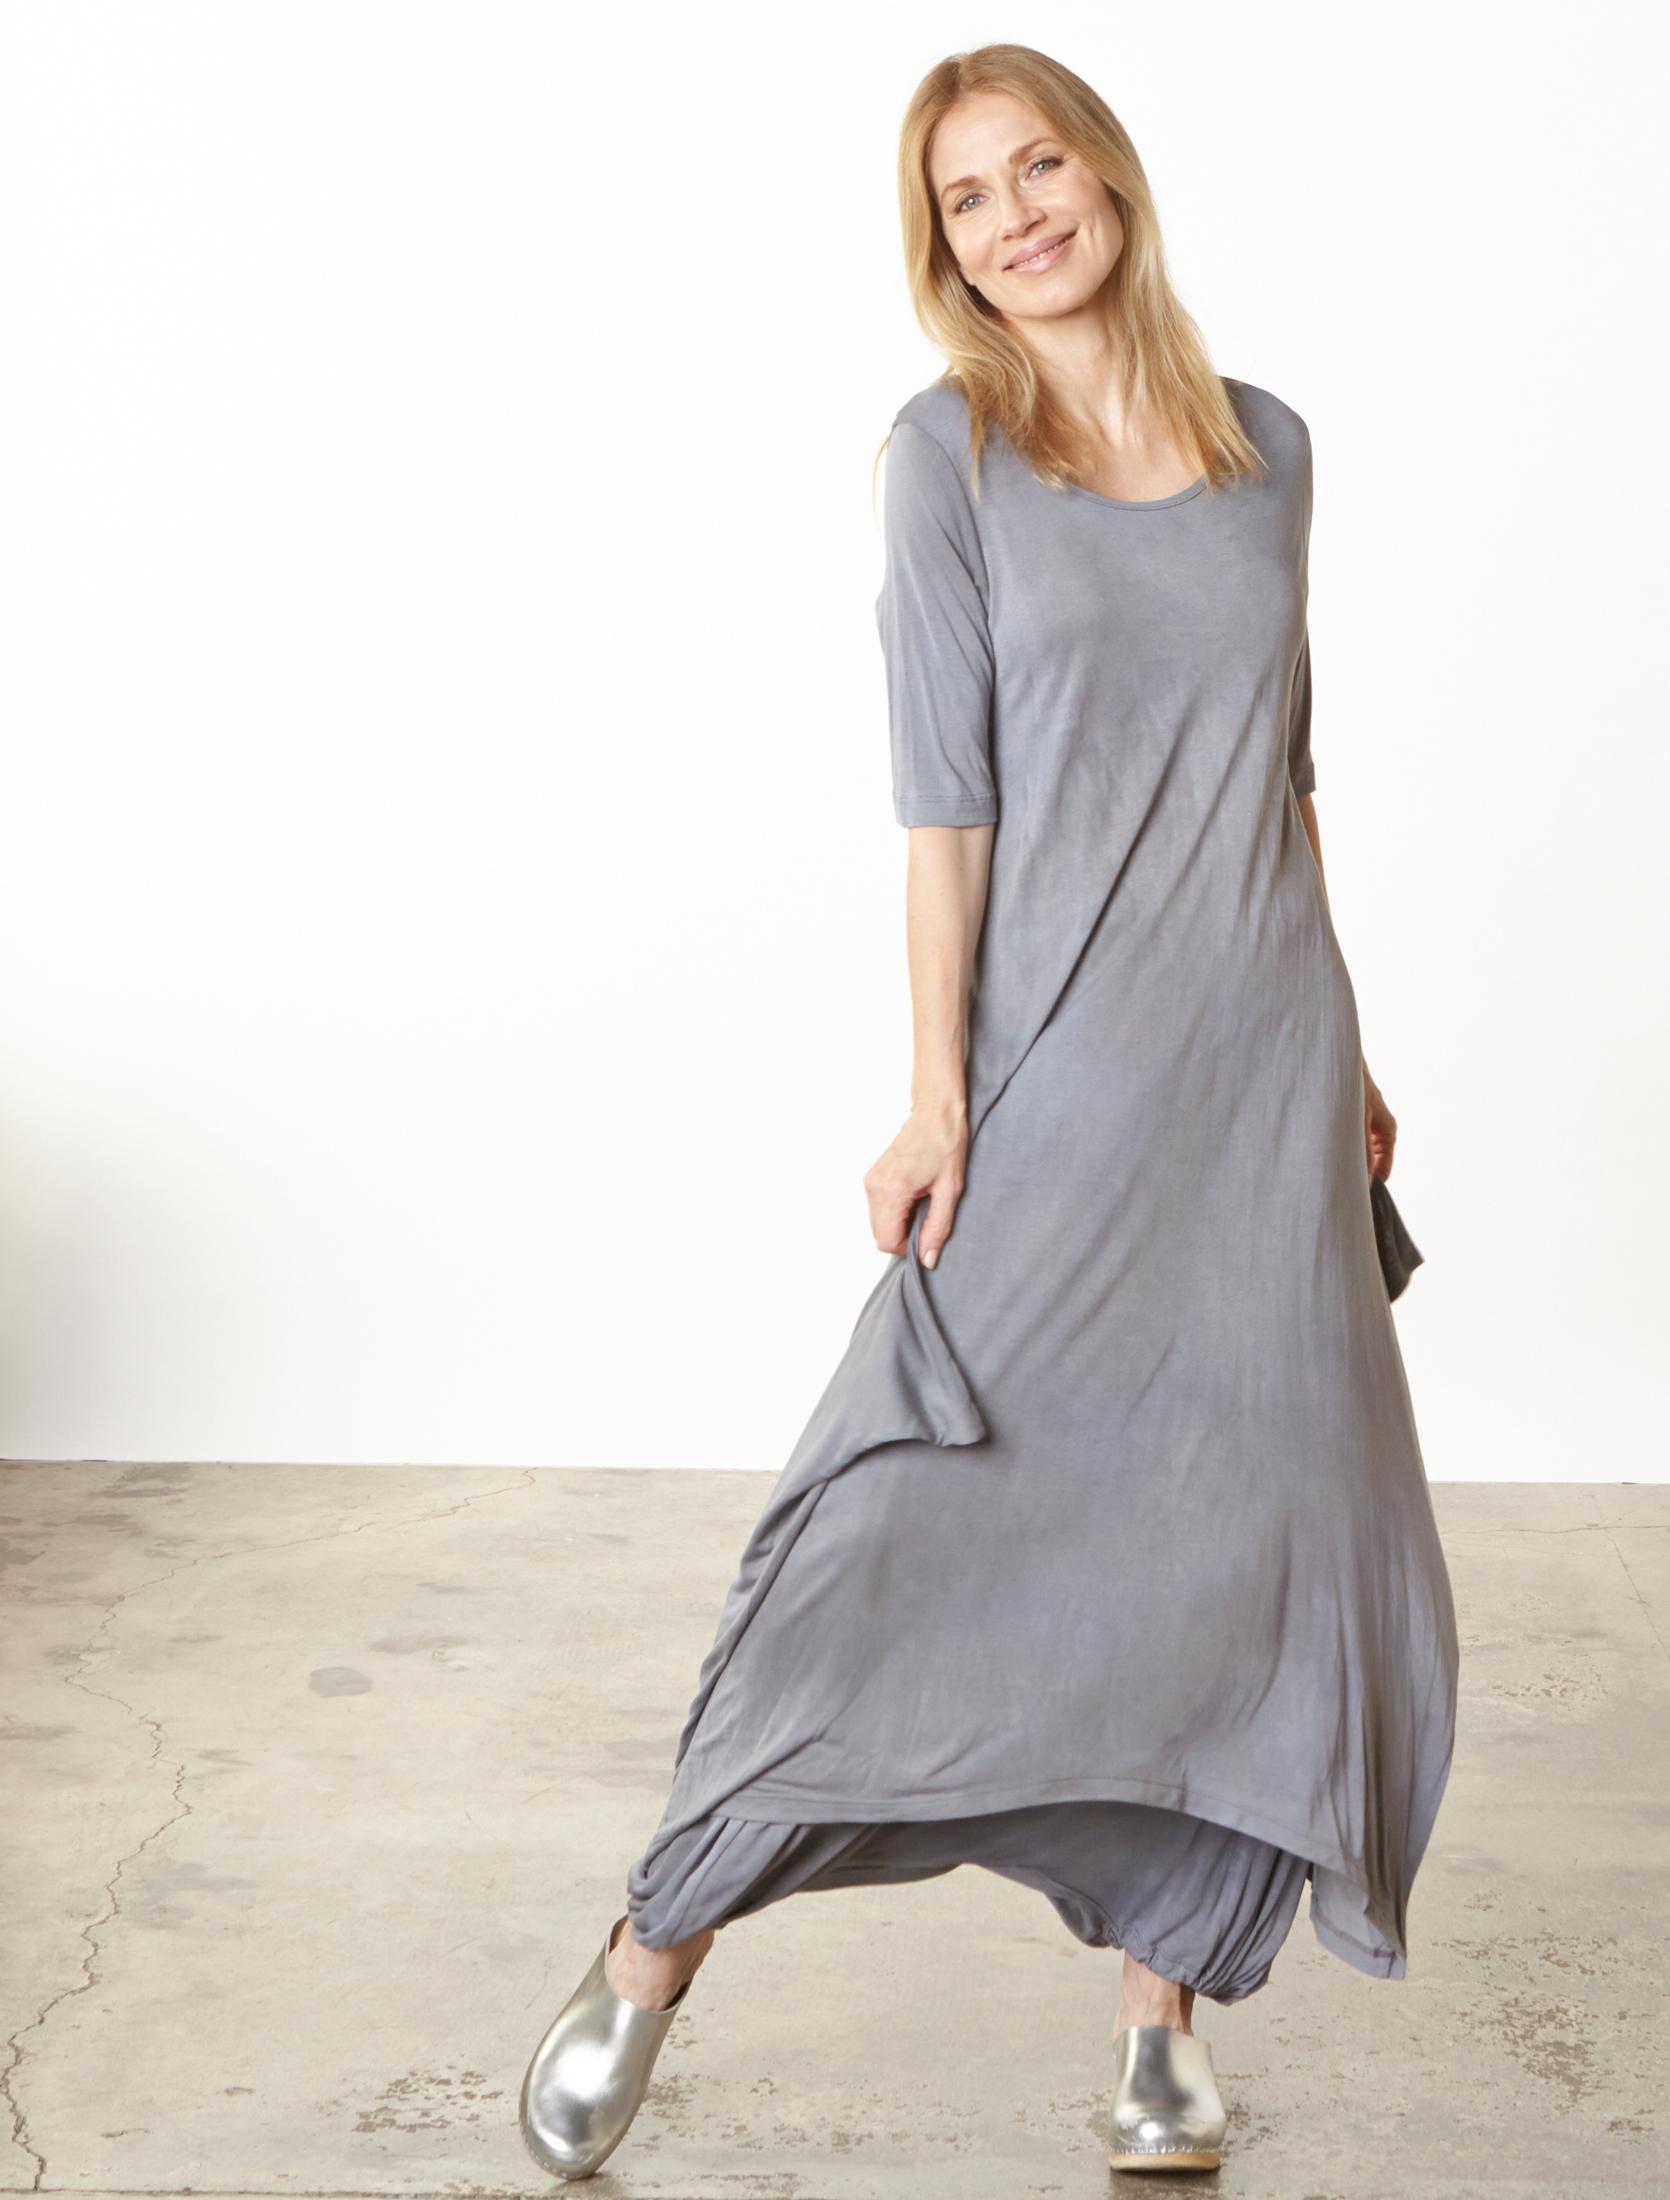 S/S Chelsea Dress, Gaucho Pant in Grey Italian Tie Dye Viscose Jersey